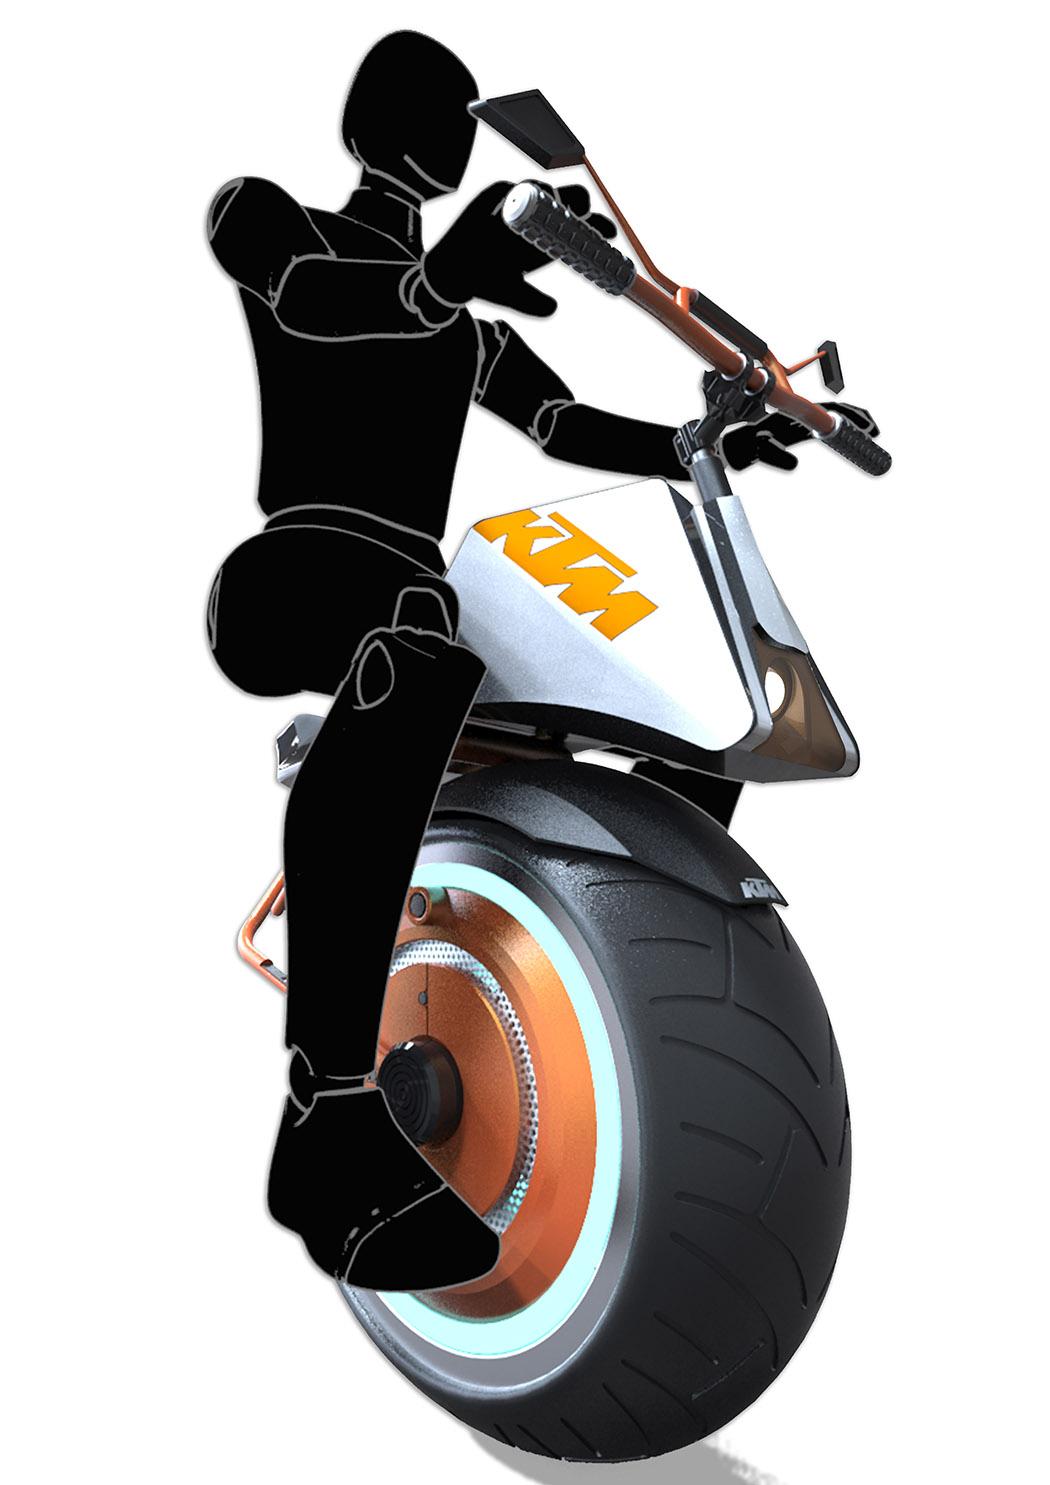 单轮摩托车,看起来就是个奇迹